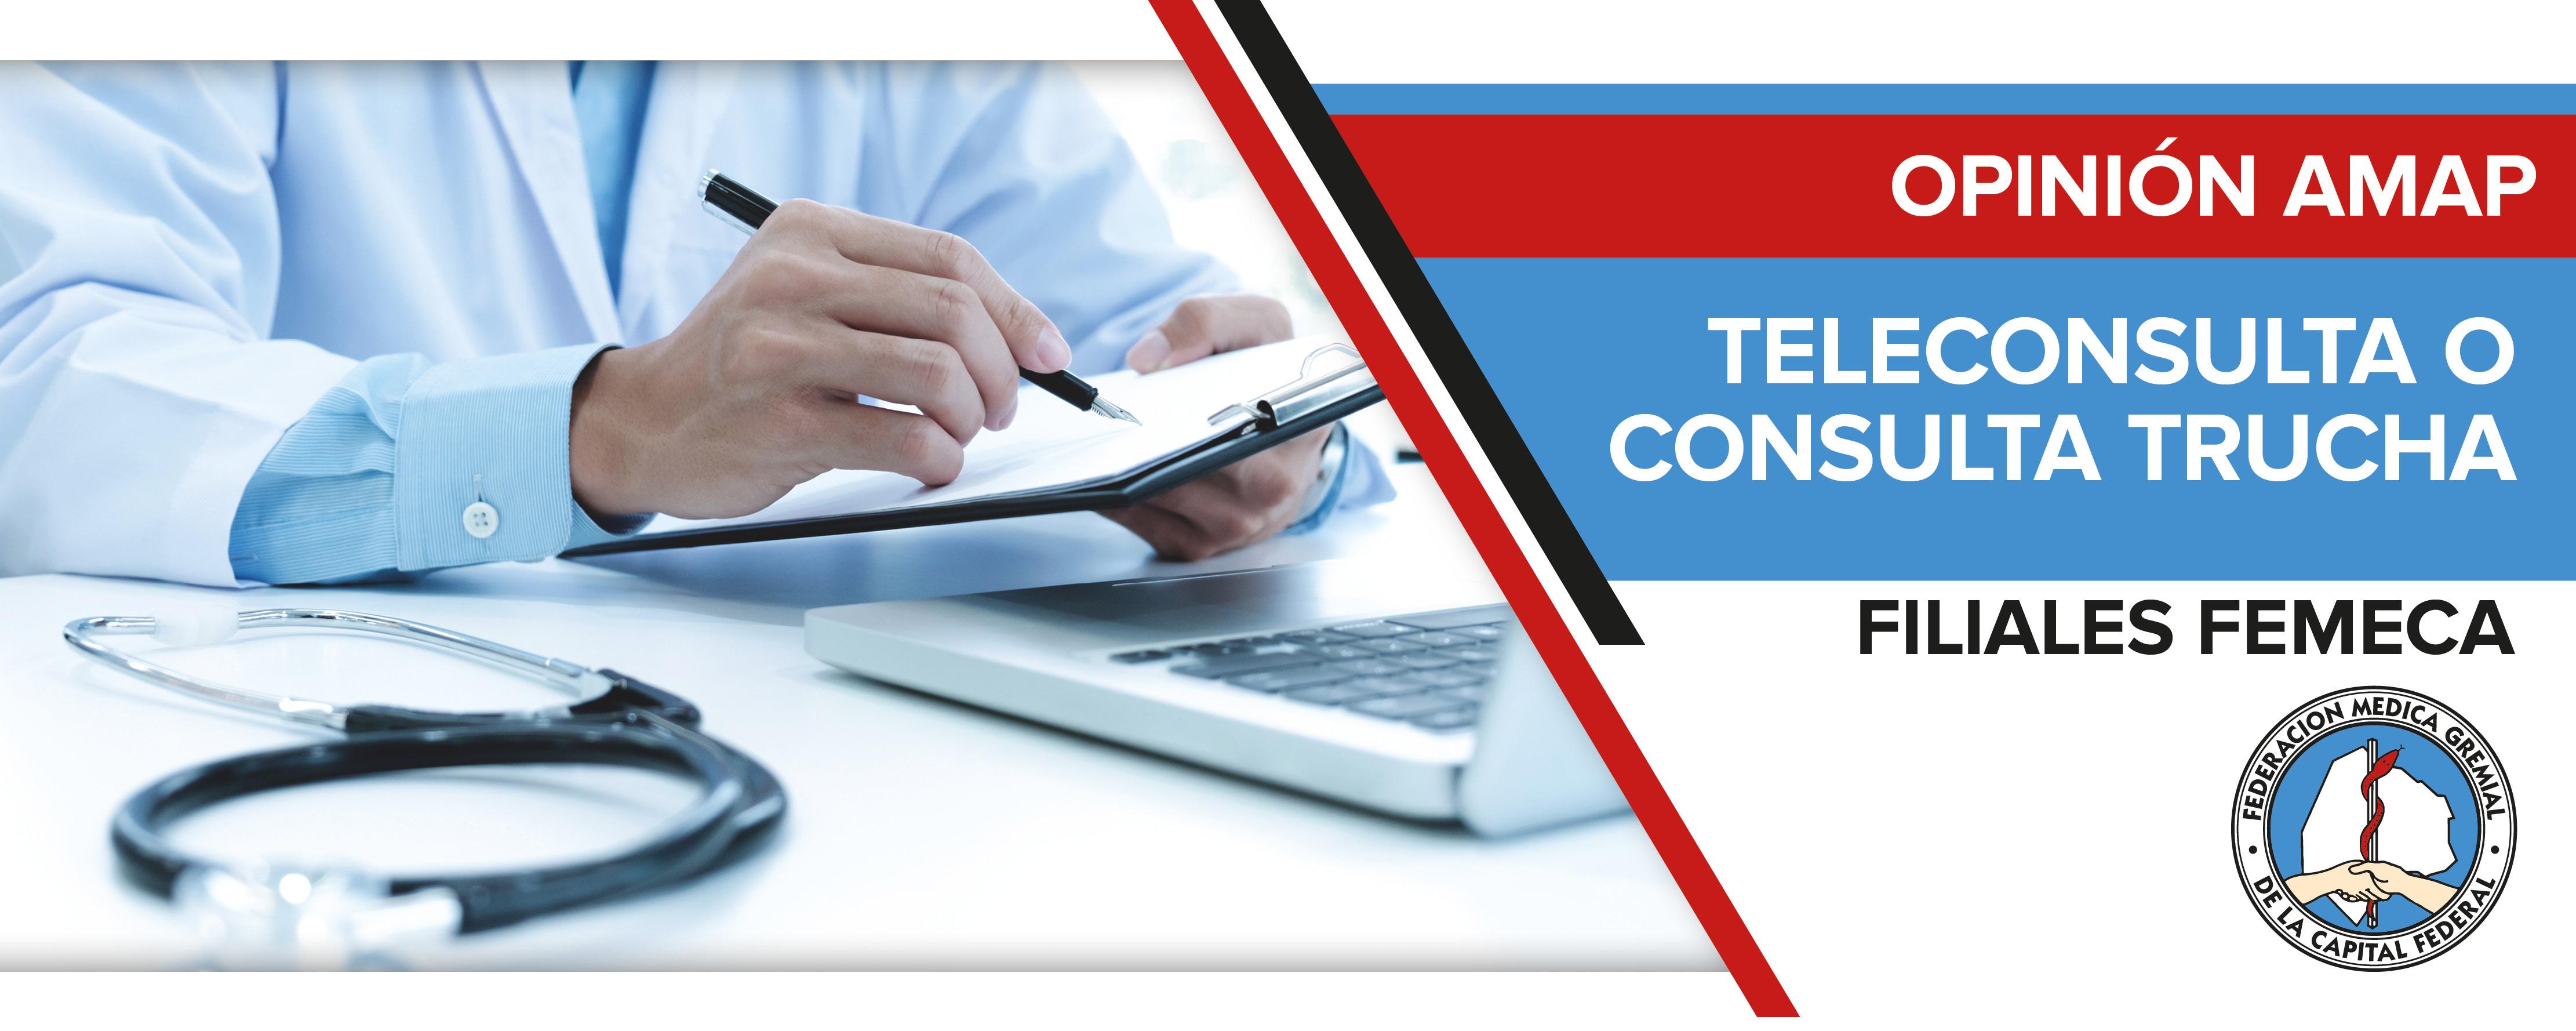 Teleconsulta o consulta trucha